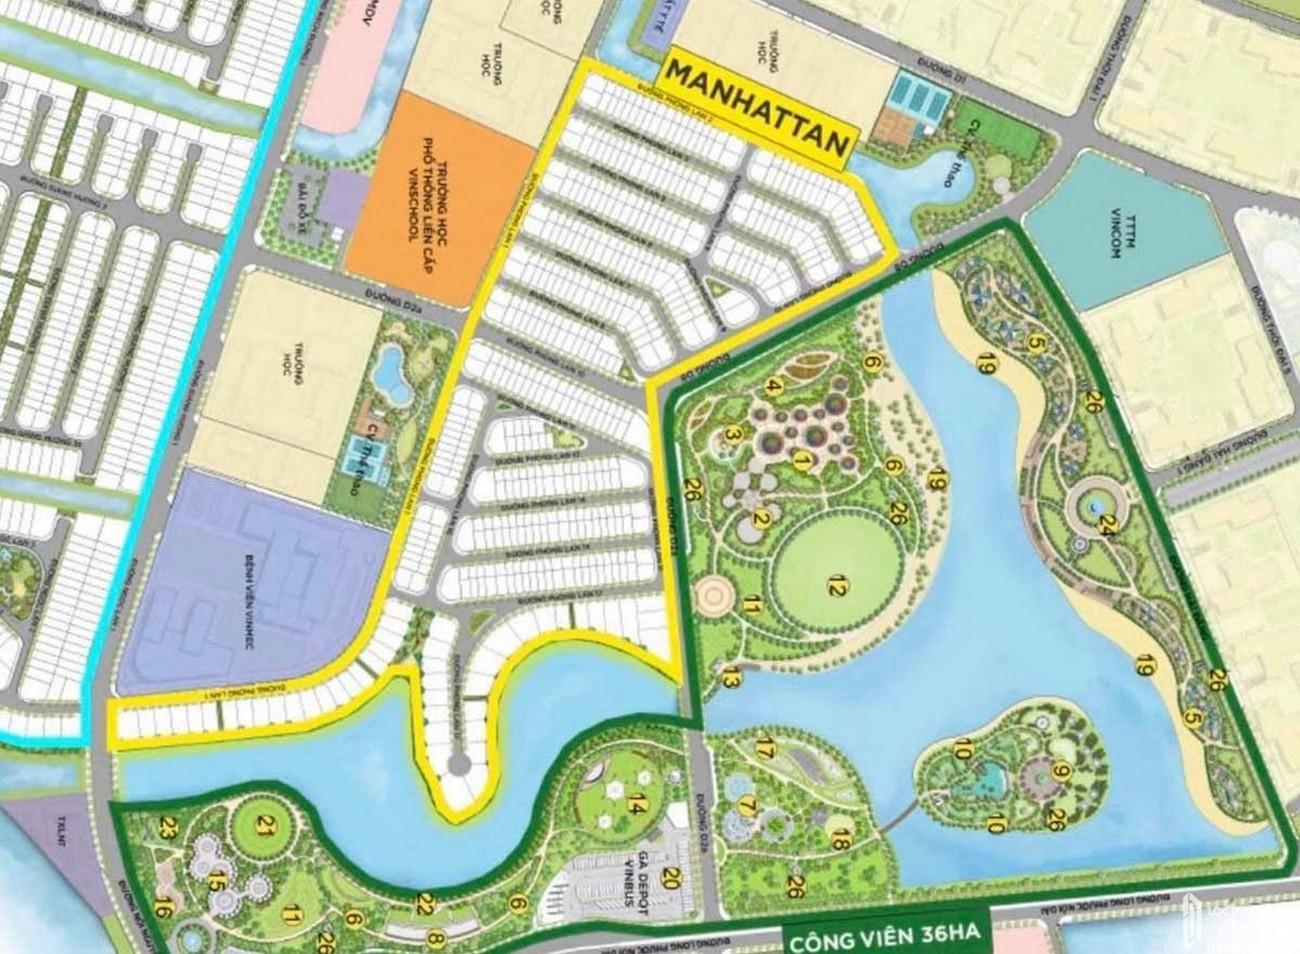 Mặt bằng dự án nhà phố The Manhattan Quận 9 Đường Nguyễn Xiển  chủ đầu tư Vingroup